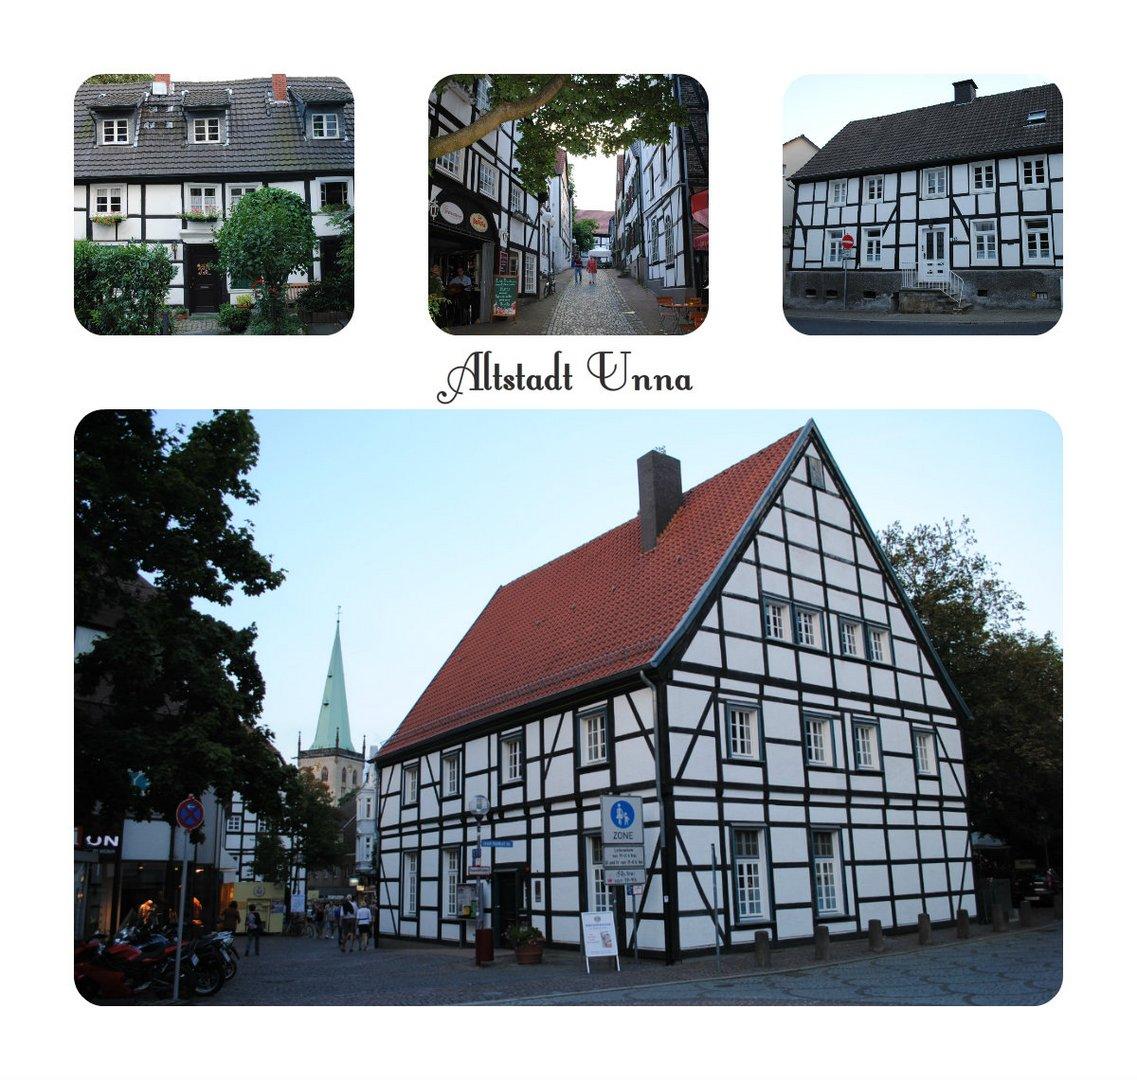 Unna-Altstadt